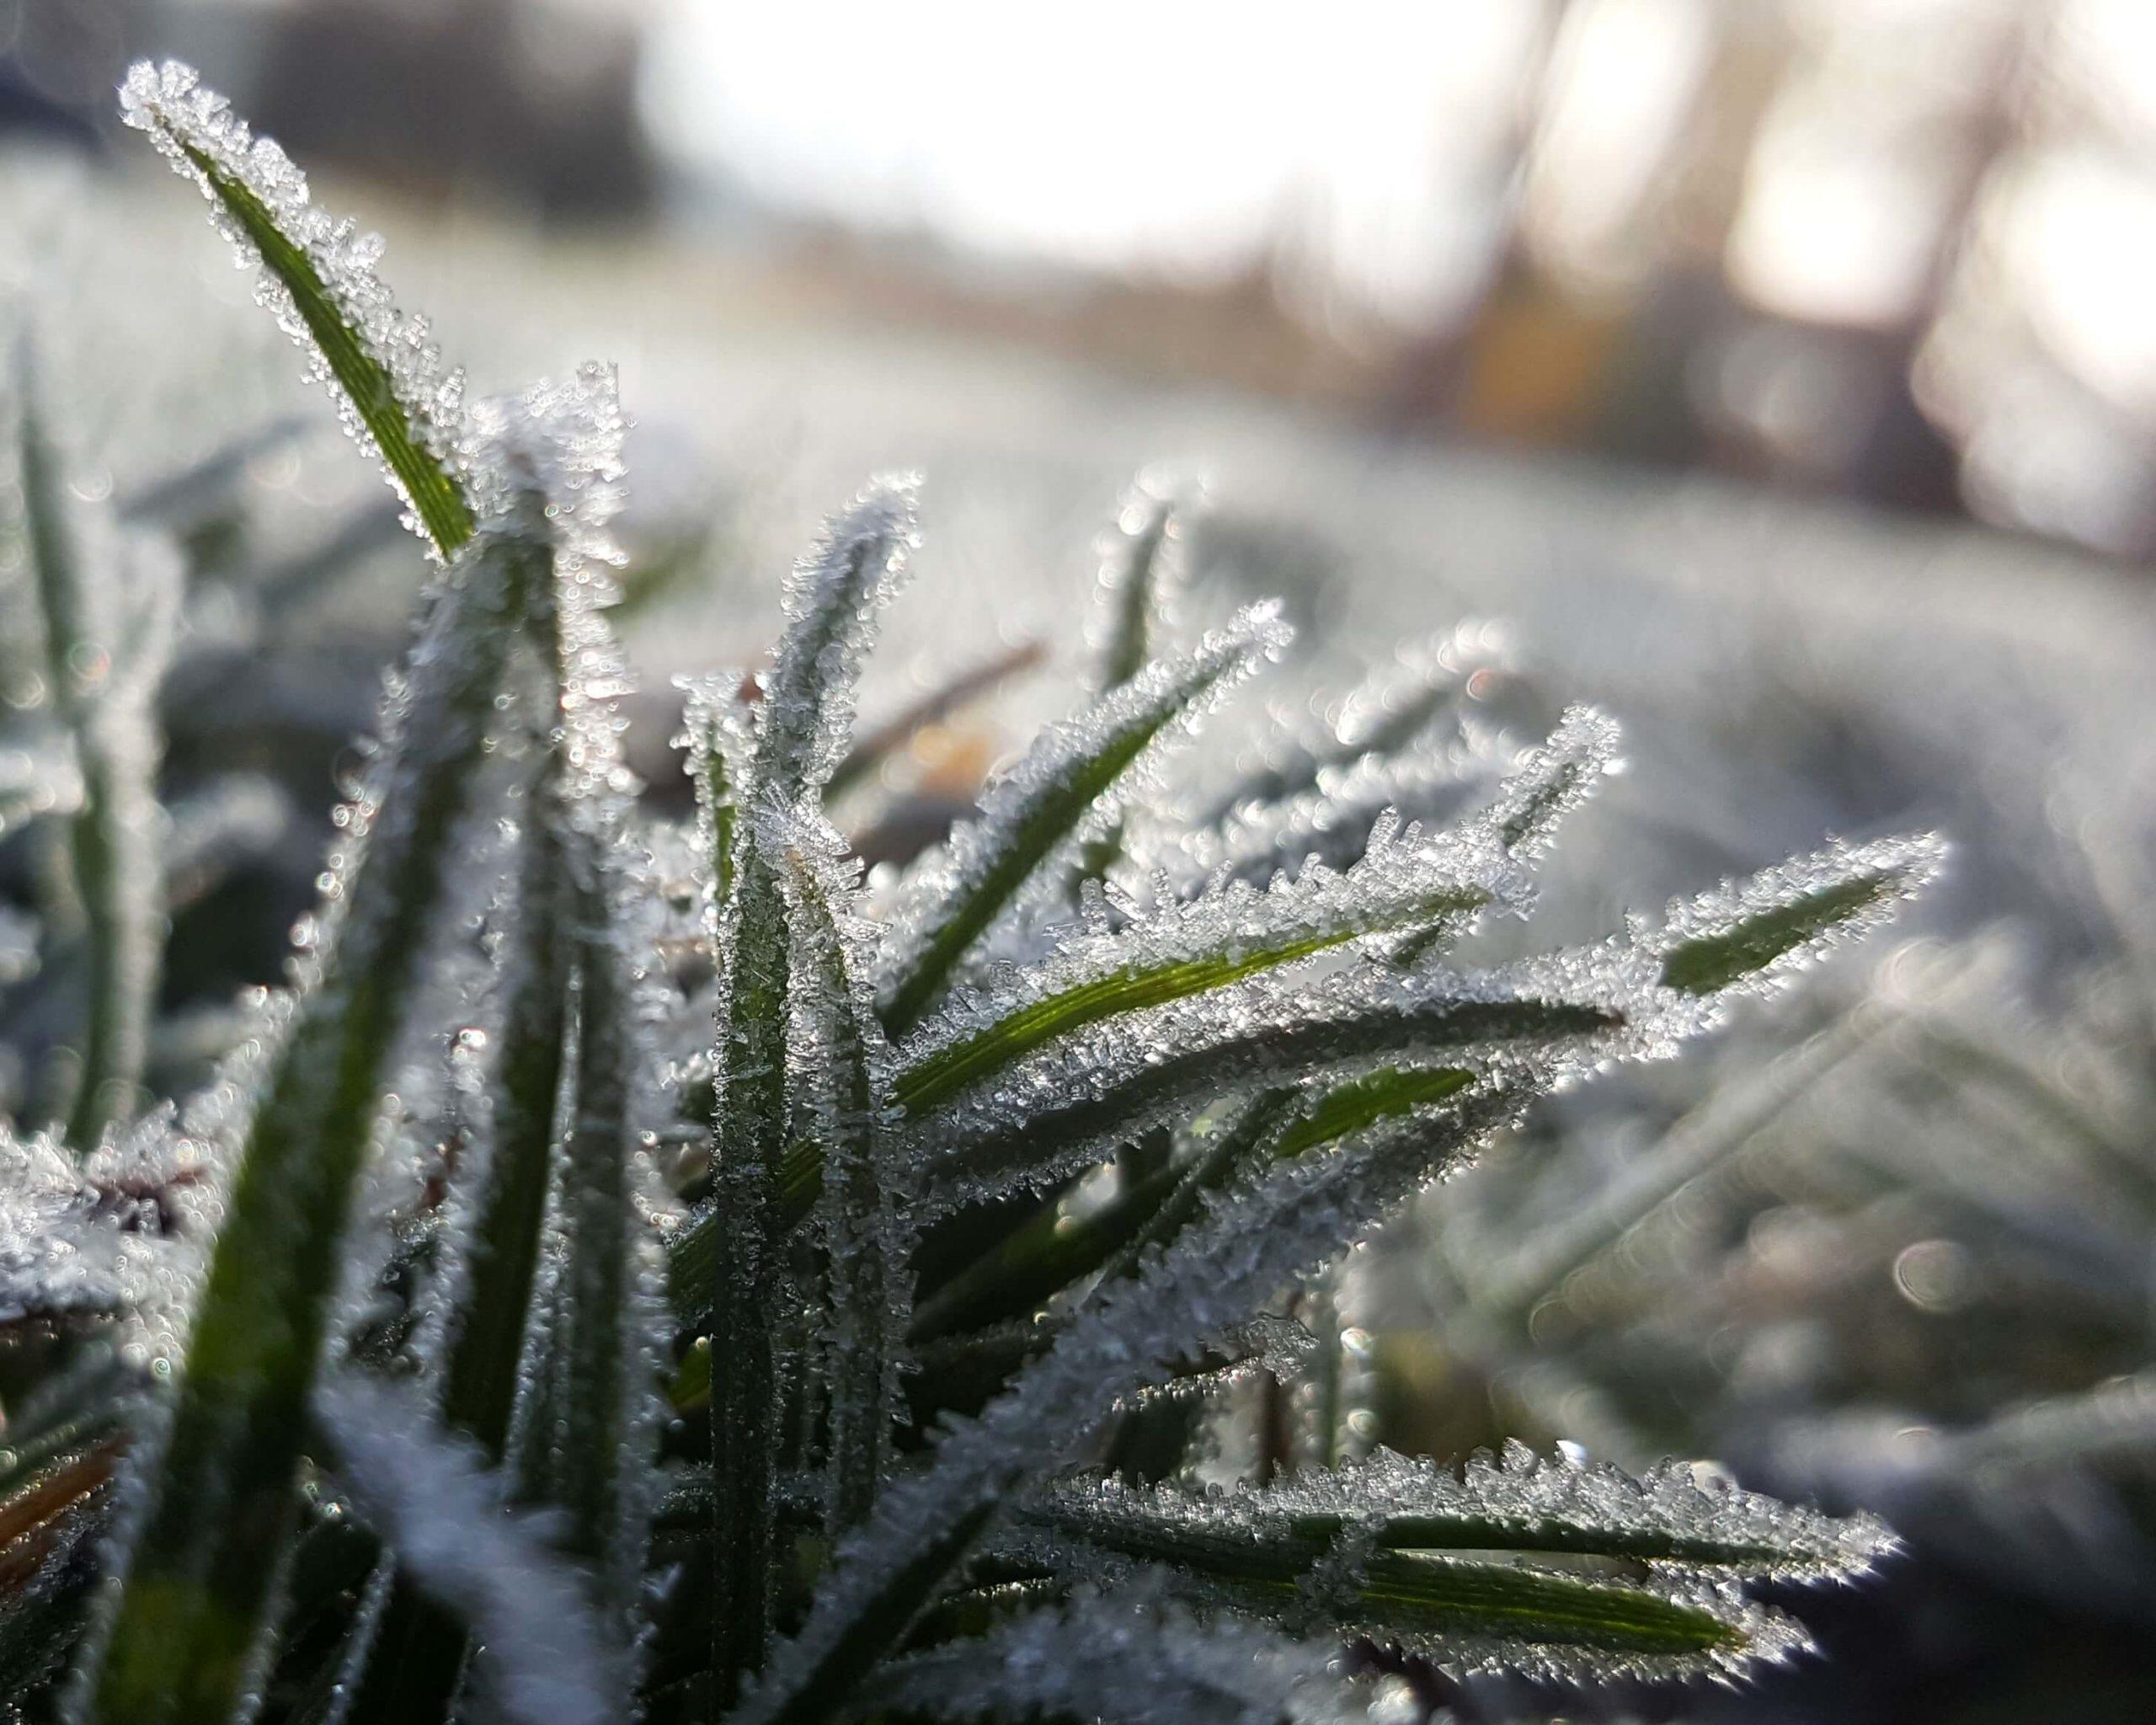 луговая трава в снегу